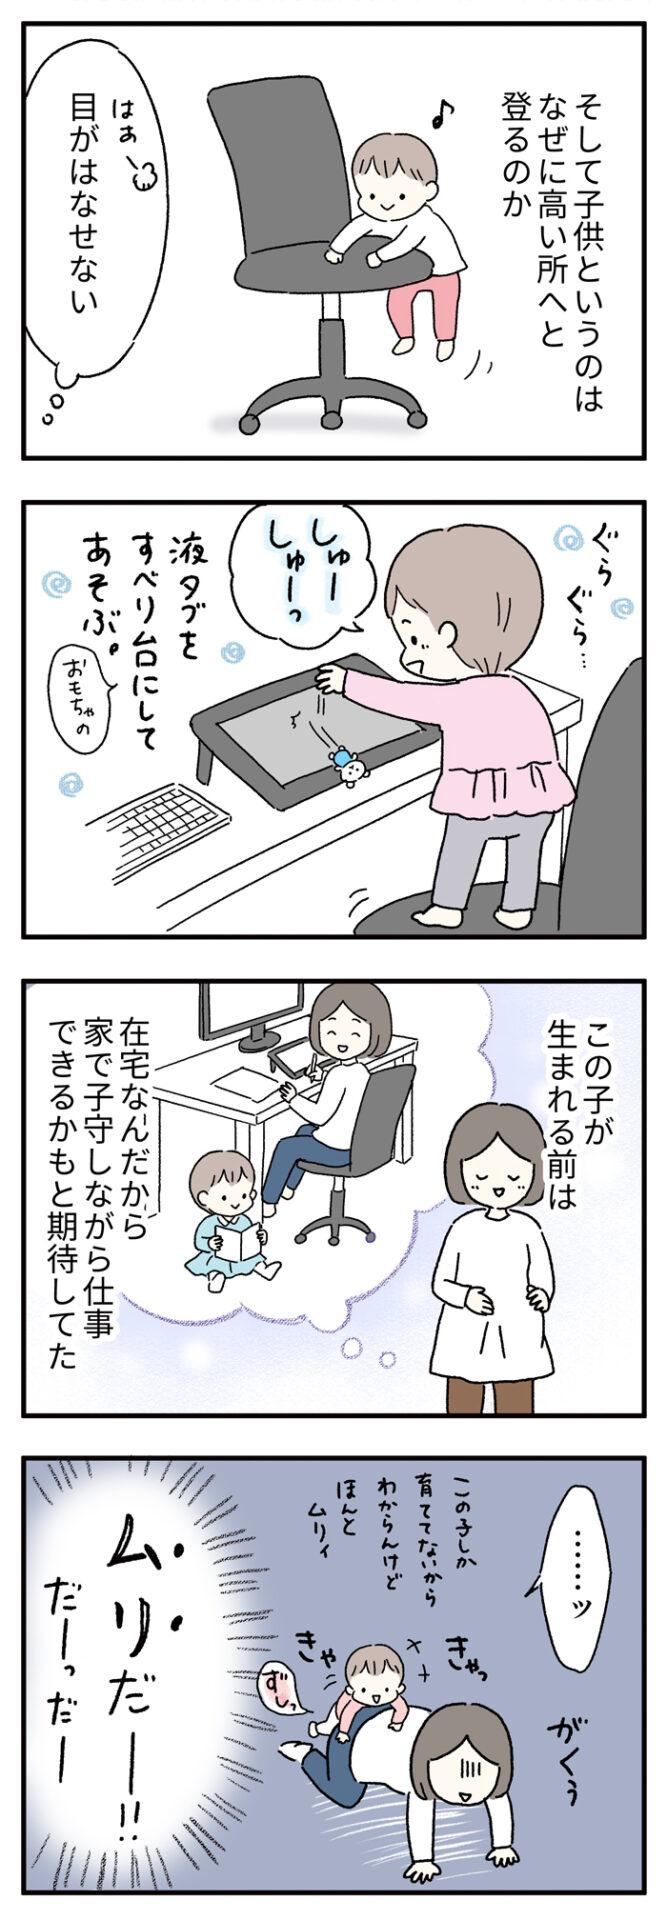 子供がいると在宅ワーク無理な理由【育児漫画】